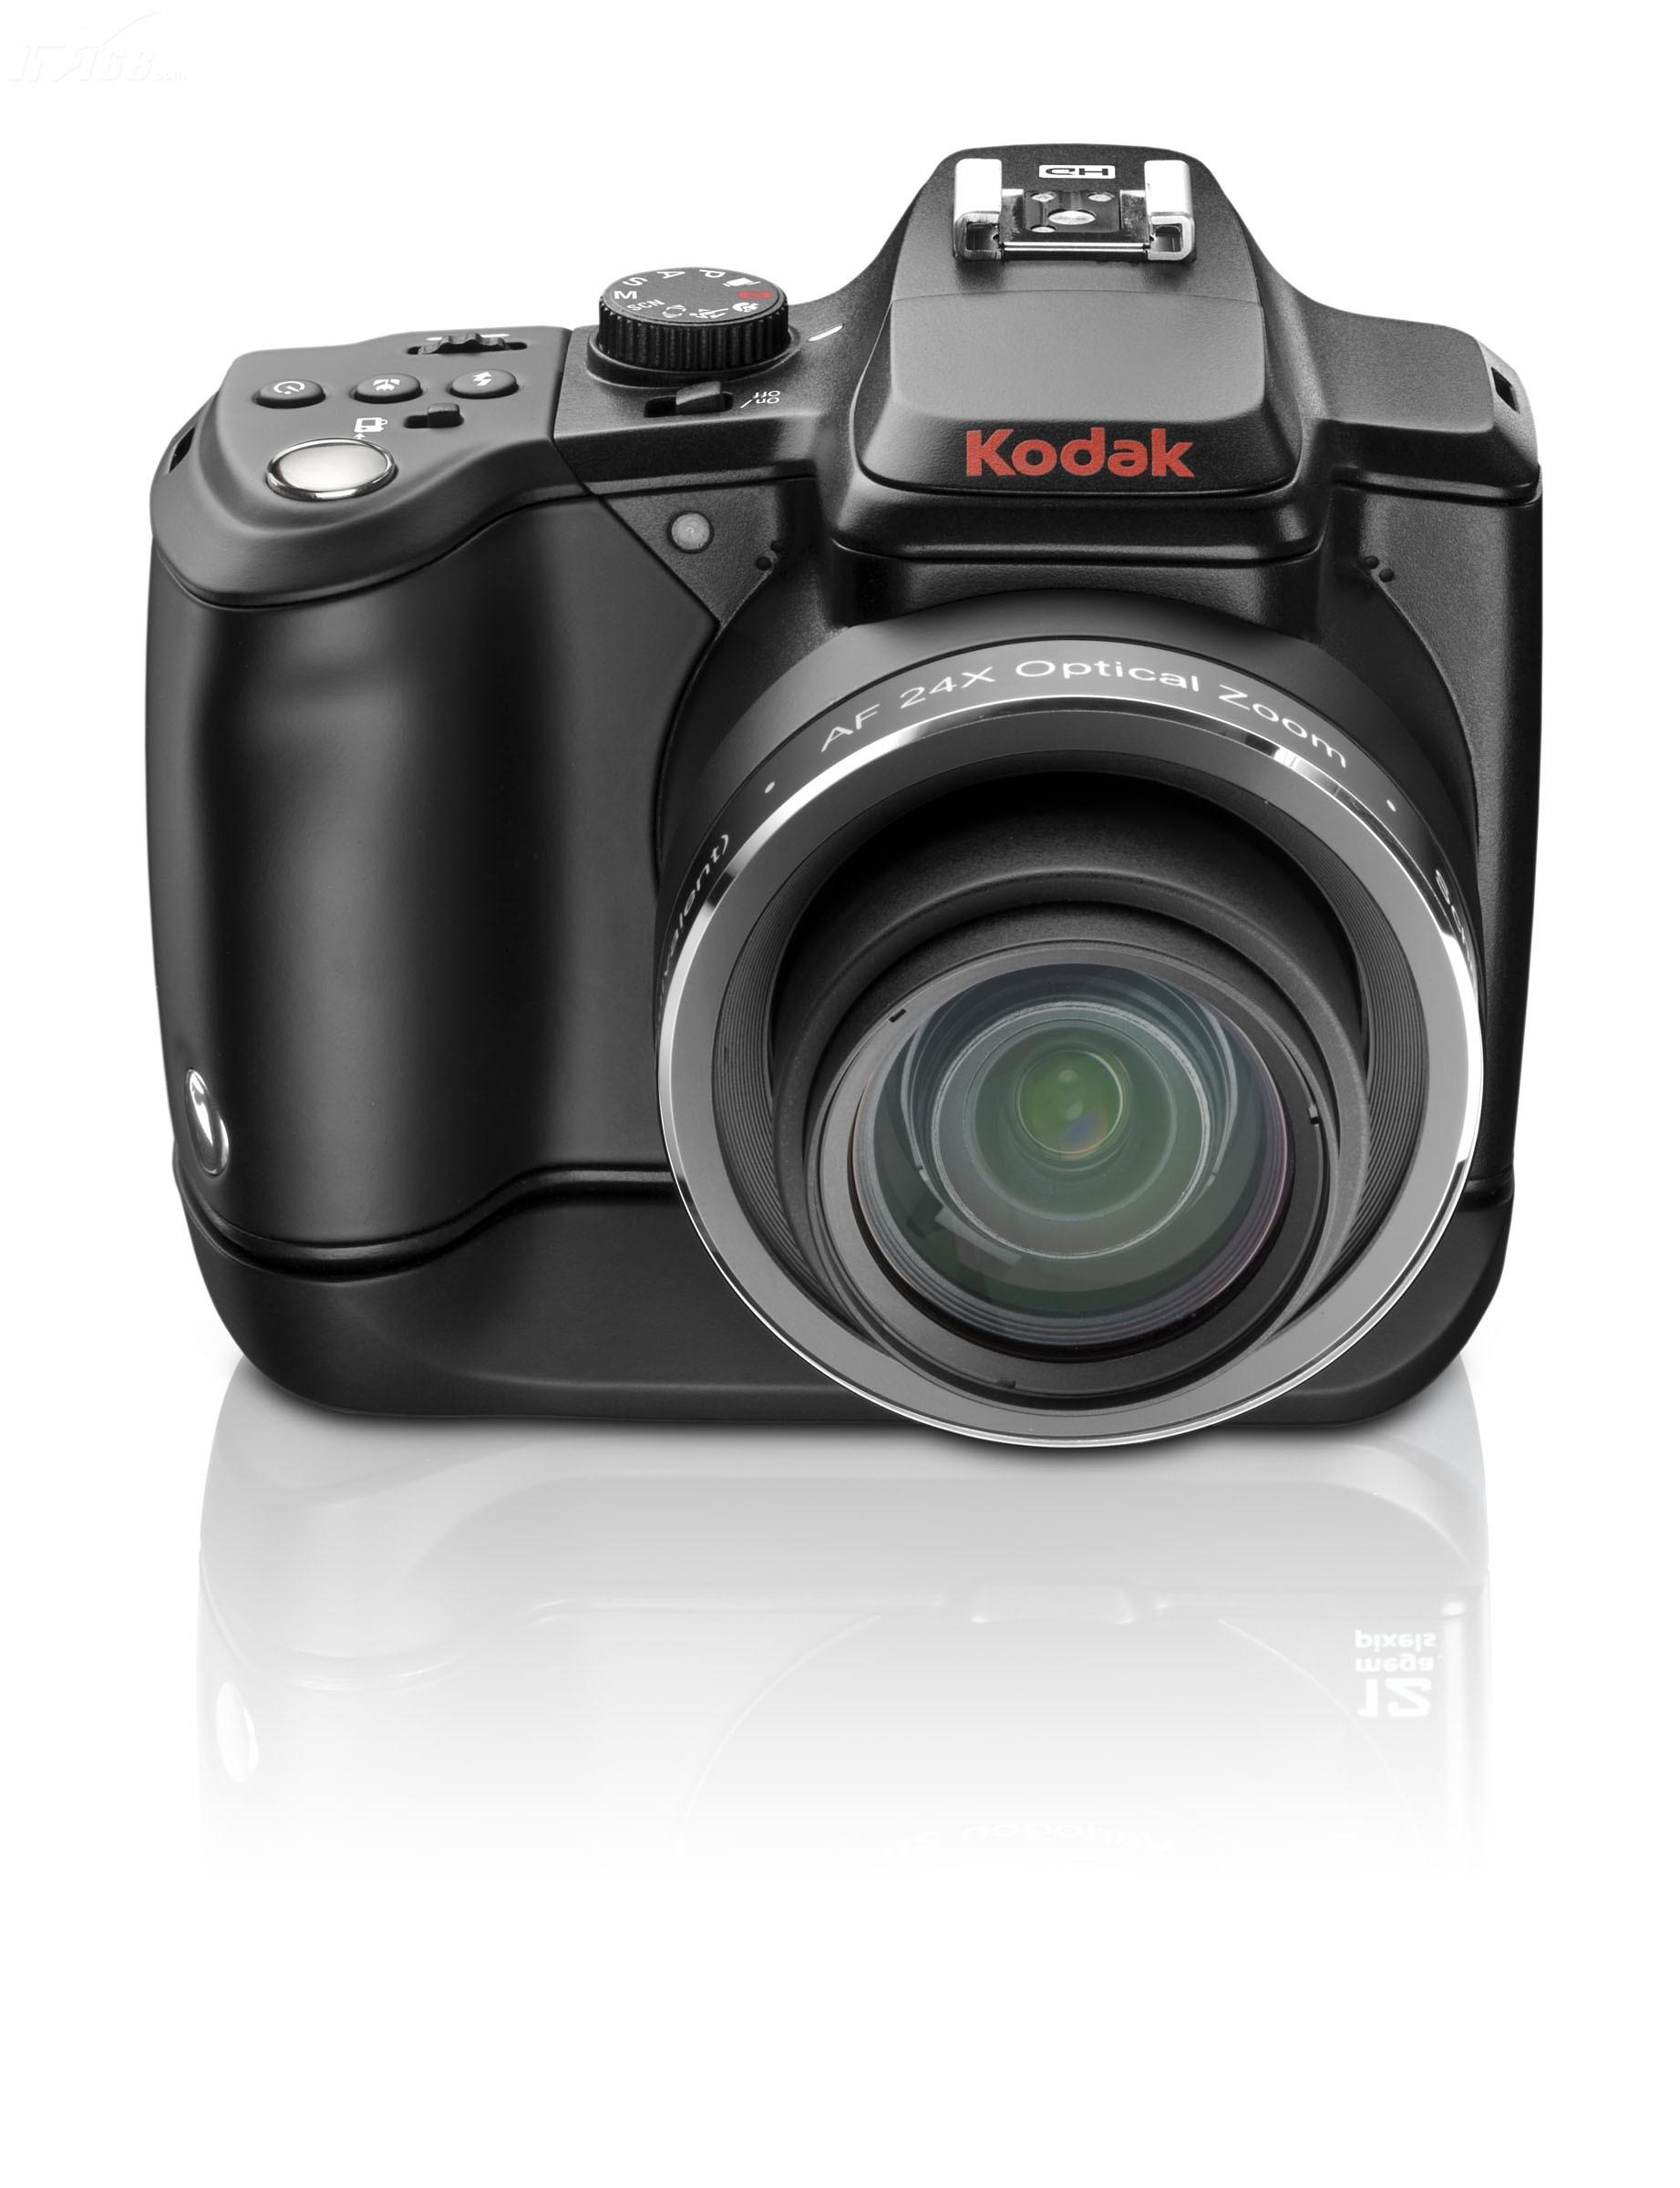 柯达z980数码相机产品图片5素材-it168数码相机图片